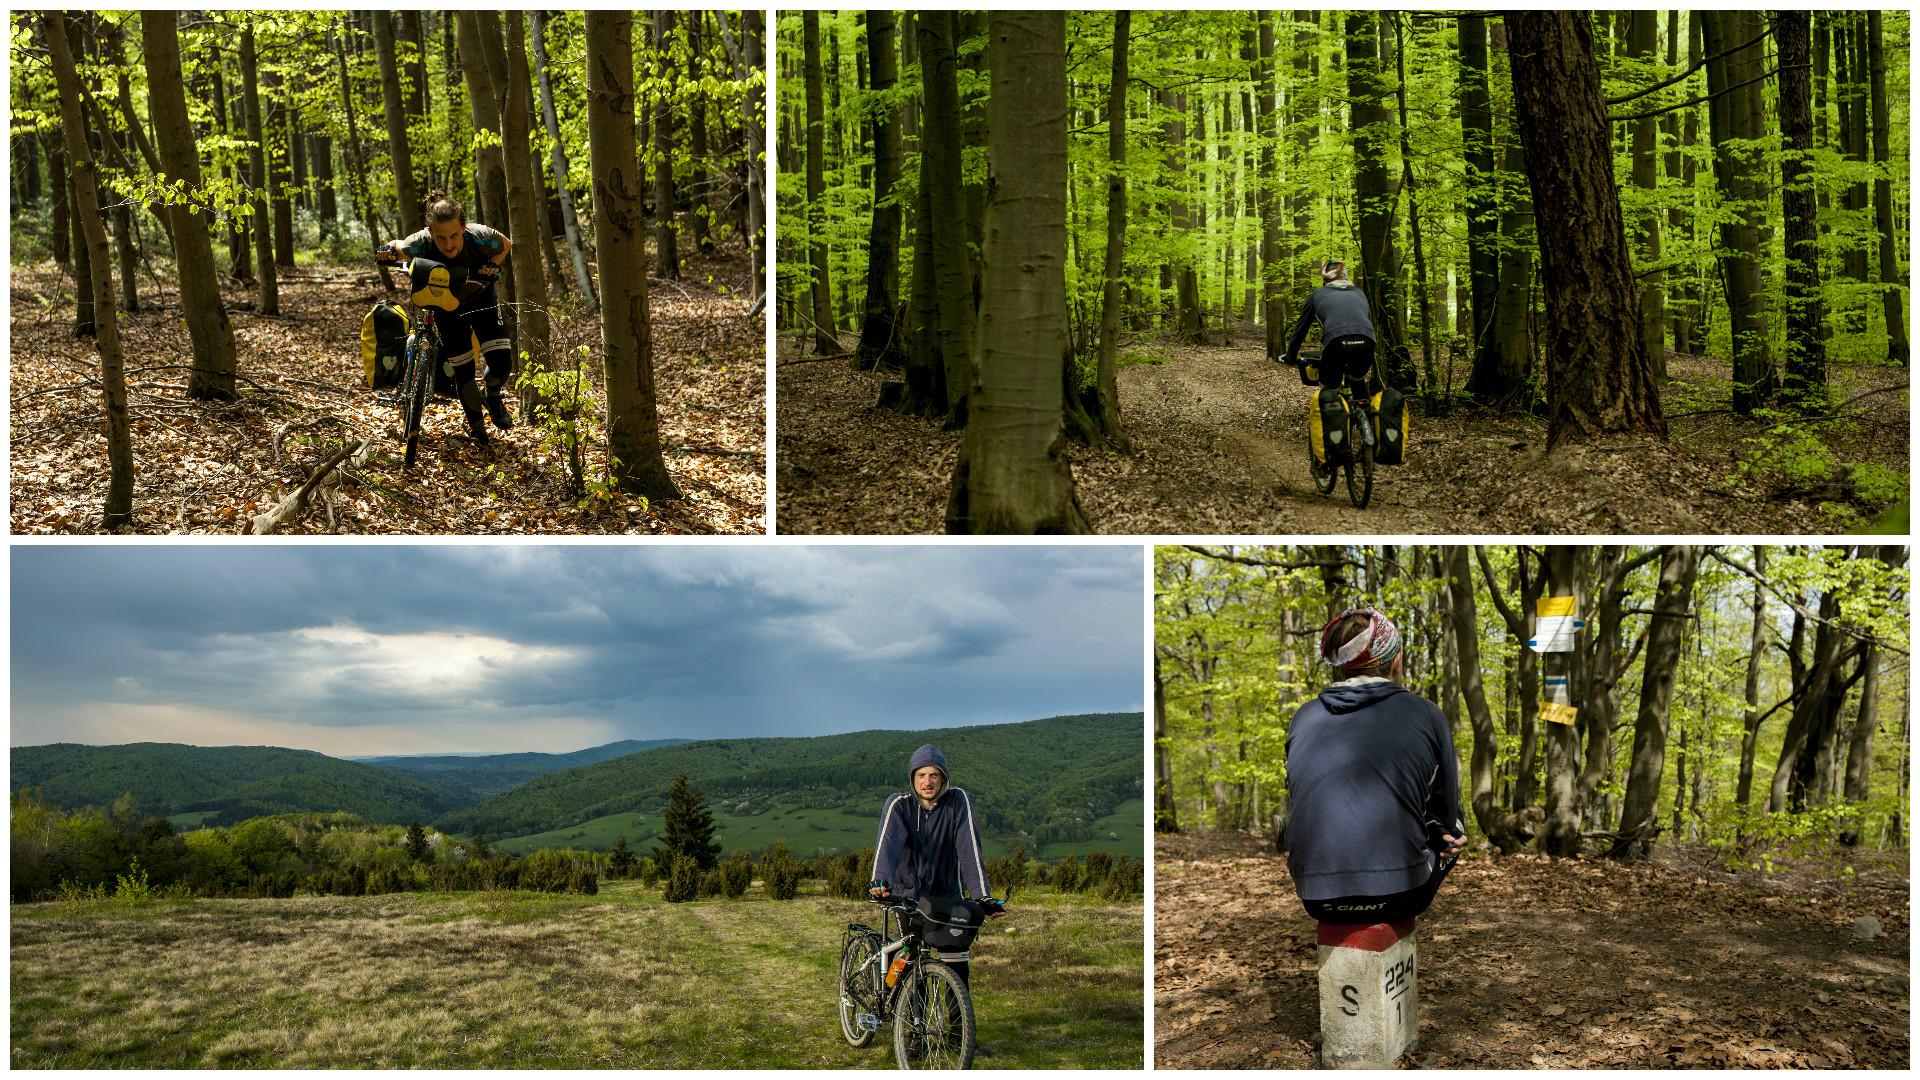 beski-niski-rowerem-szlaki-piesze